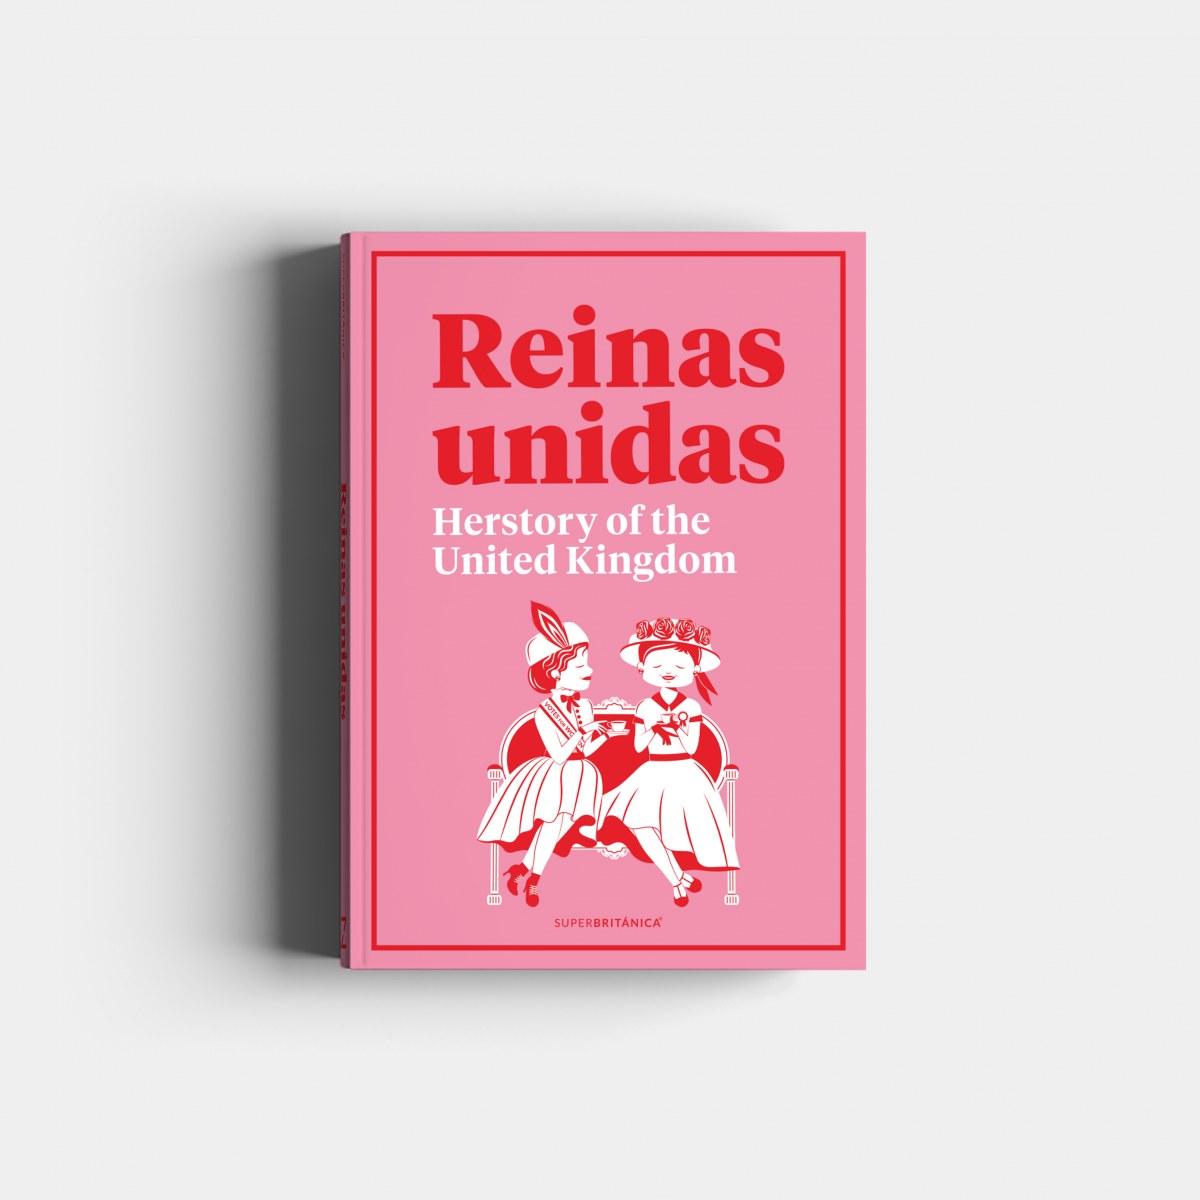 REINAS UNIDAS 9788408216100